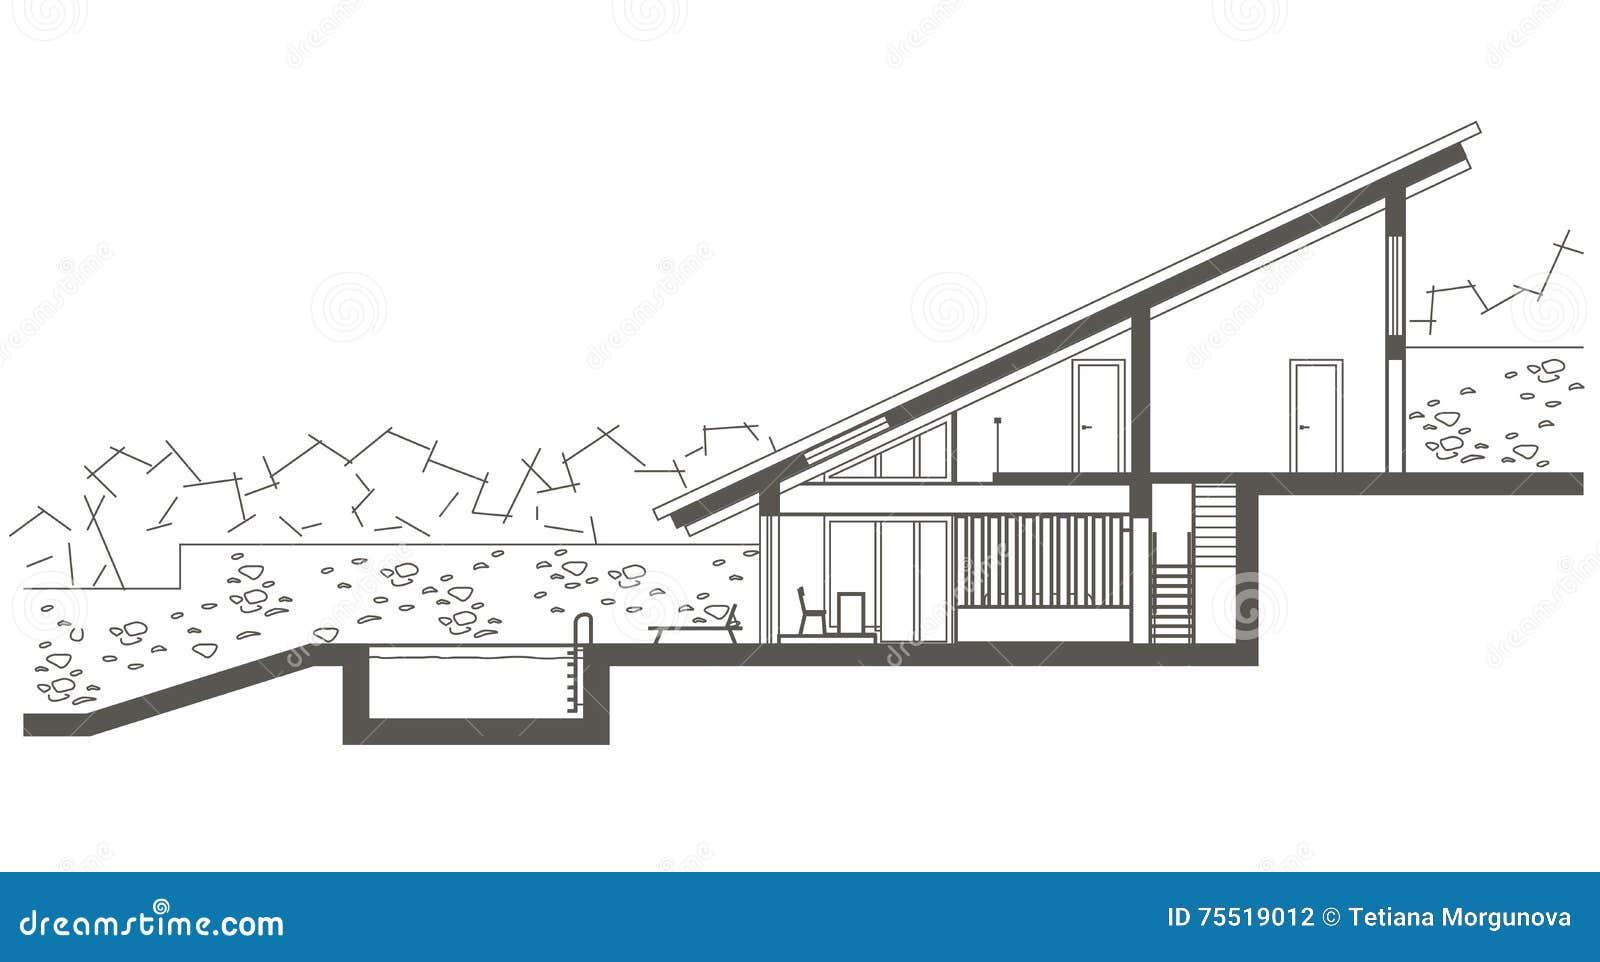 Download Architekturskizzen Zwei Ebenenhaus Mit Schwimmbad Schnittzeichnung Vektor Abbildung